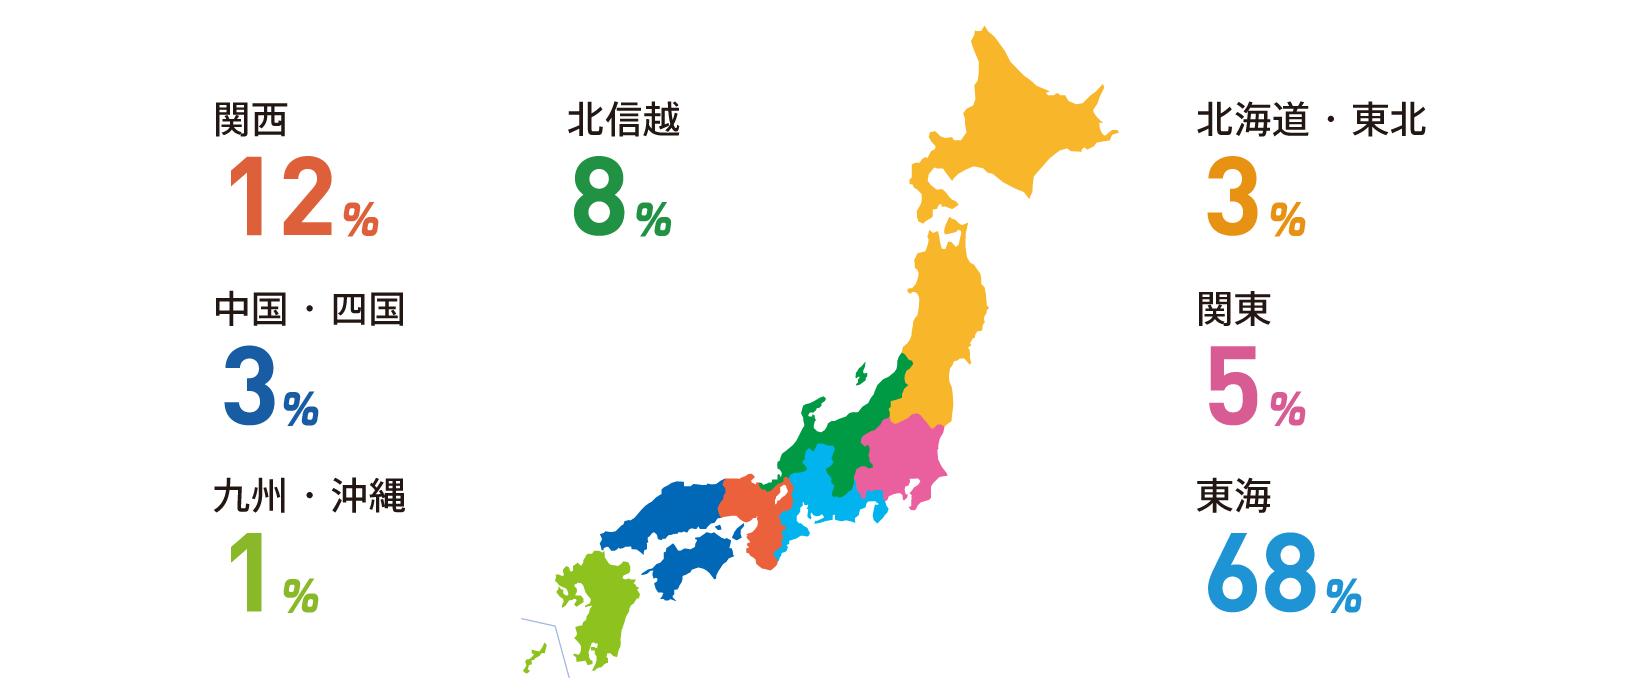 北海道・東北:3% 関東:5% 東海:68% 北信越:8% 関西:12% 中国・四国:3% 九州・沖縄:1%